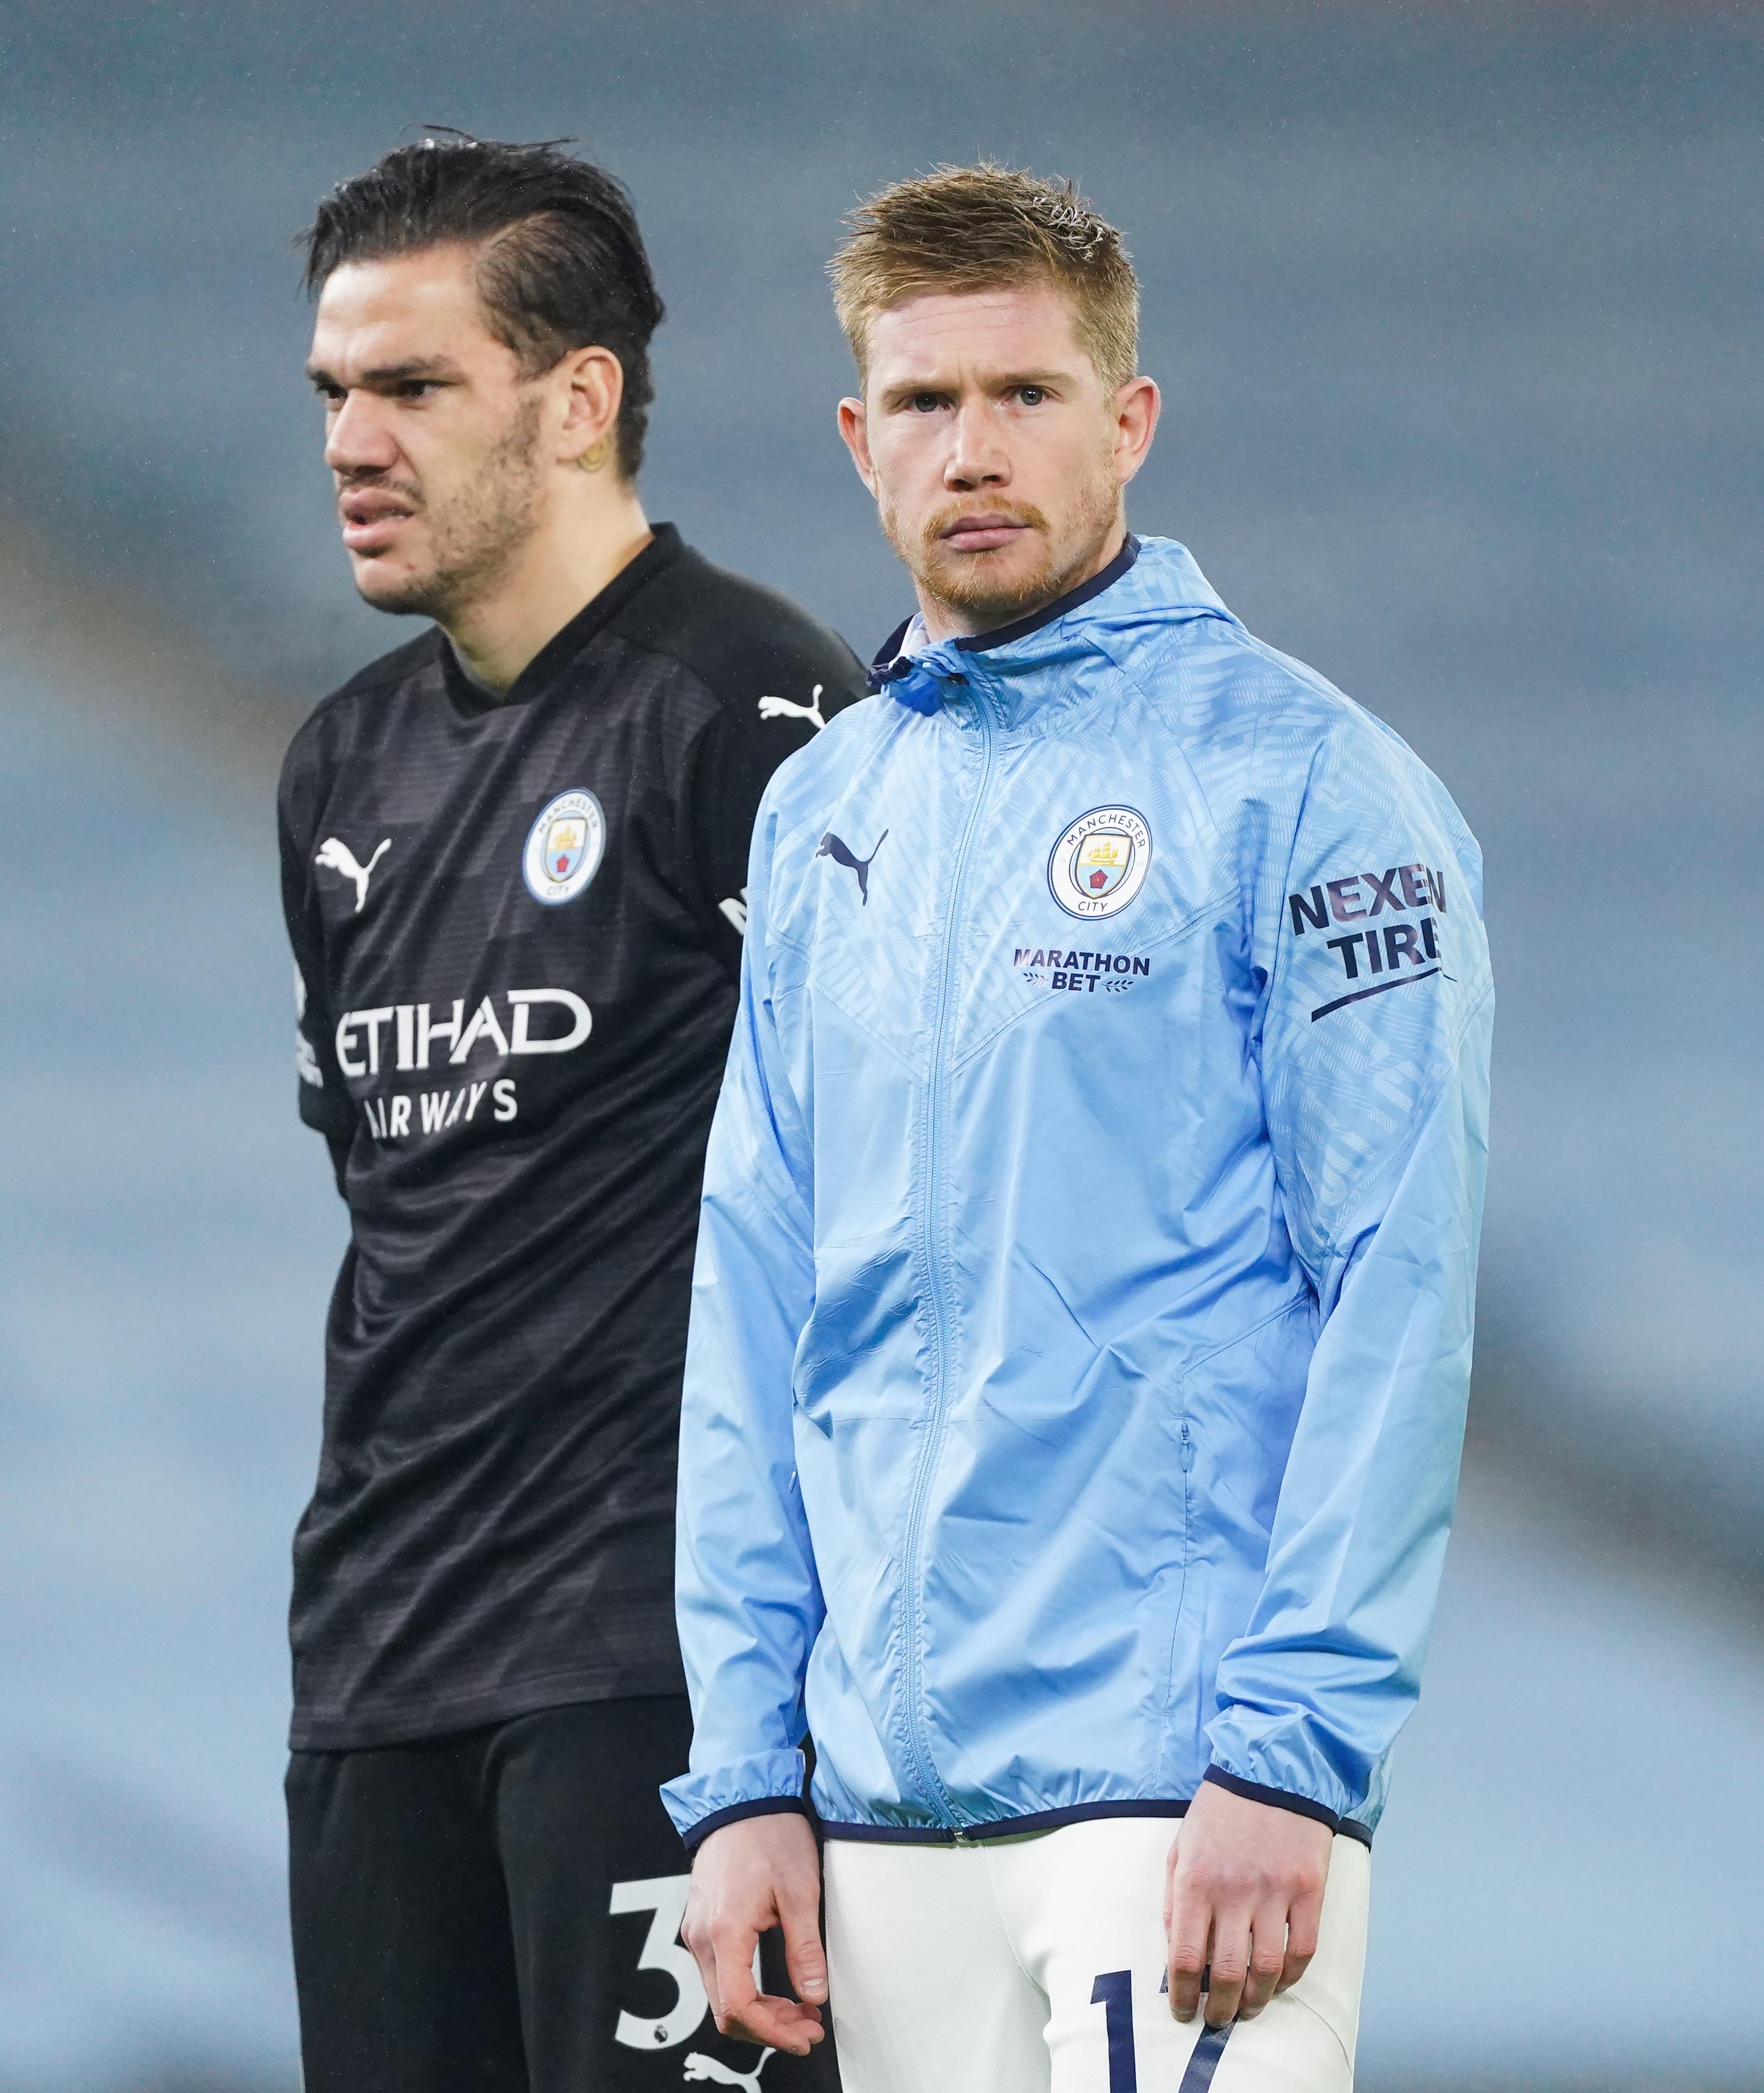 Ederson and Kevin de Bruyne - Manchester City - Premier League